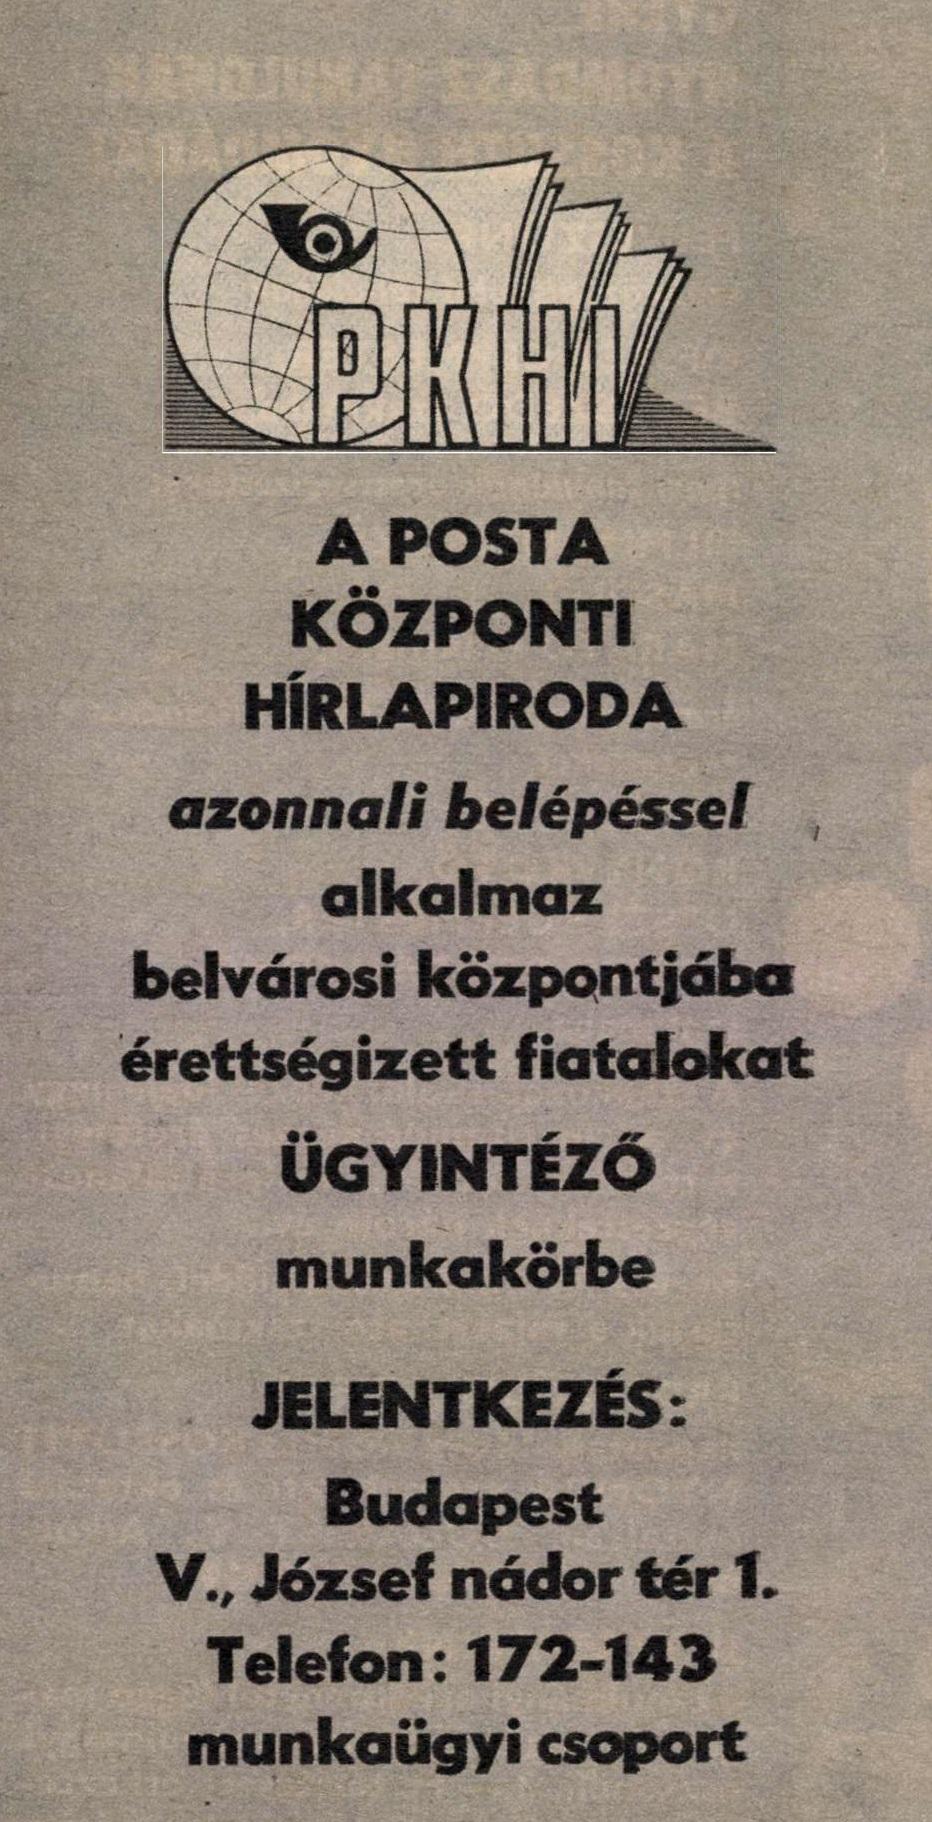 idokapszula_nb_i_1983_84_oszi_zaras_az_nb_ii_es_a_harmadik_vonal_allasajanlat_1.jpg